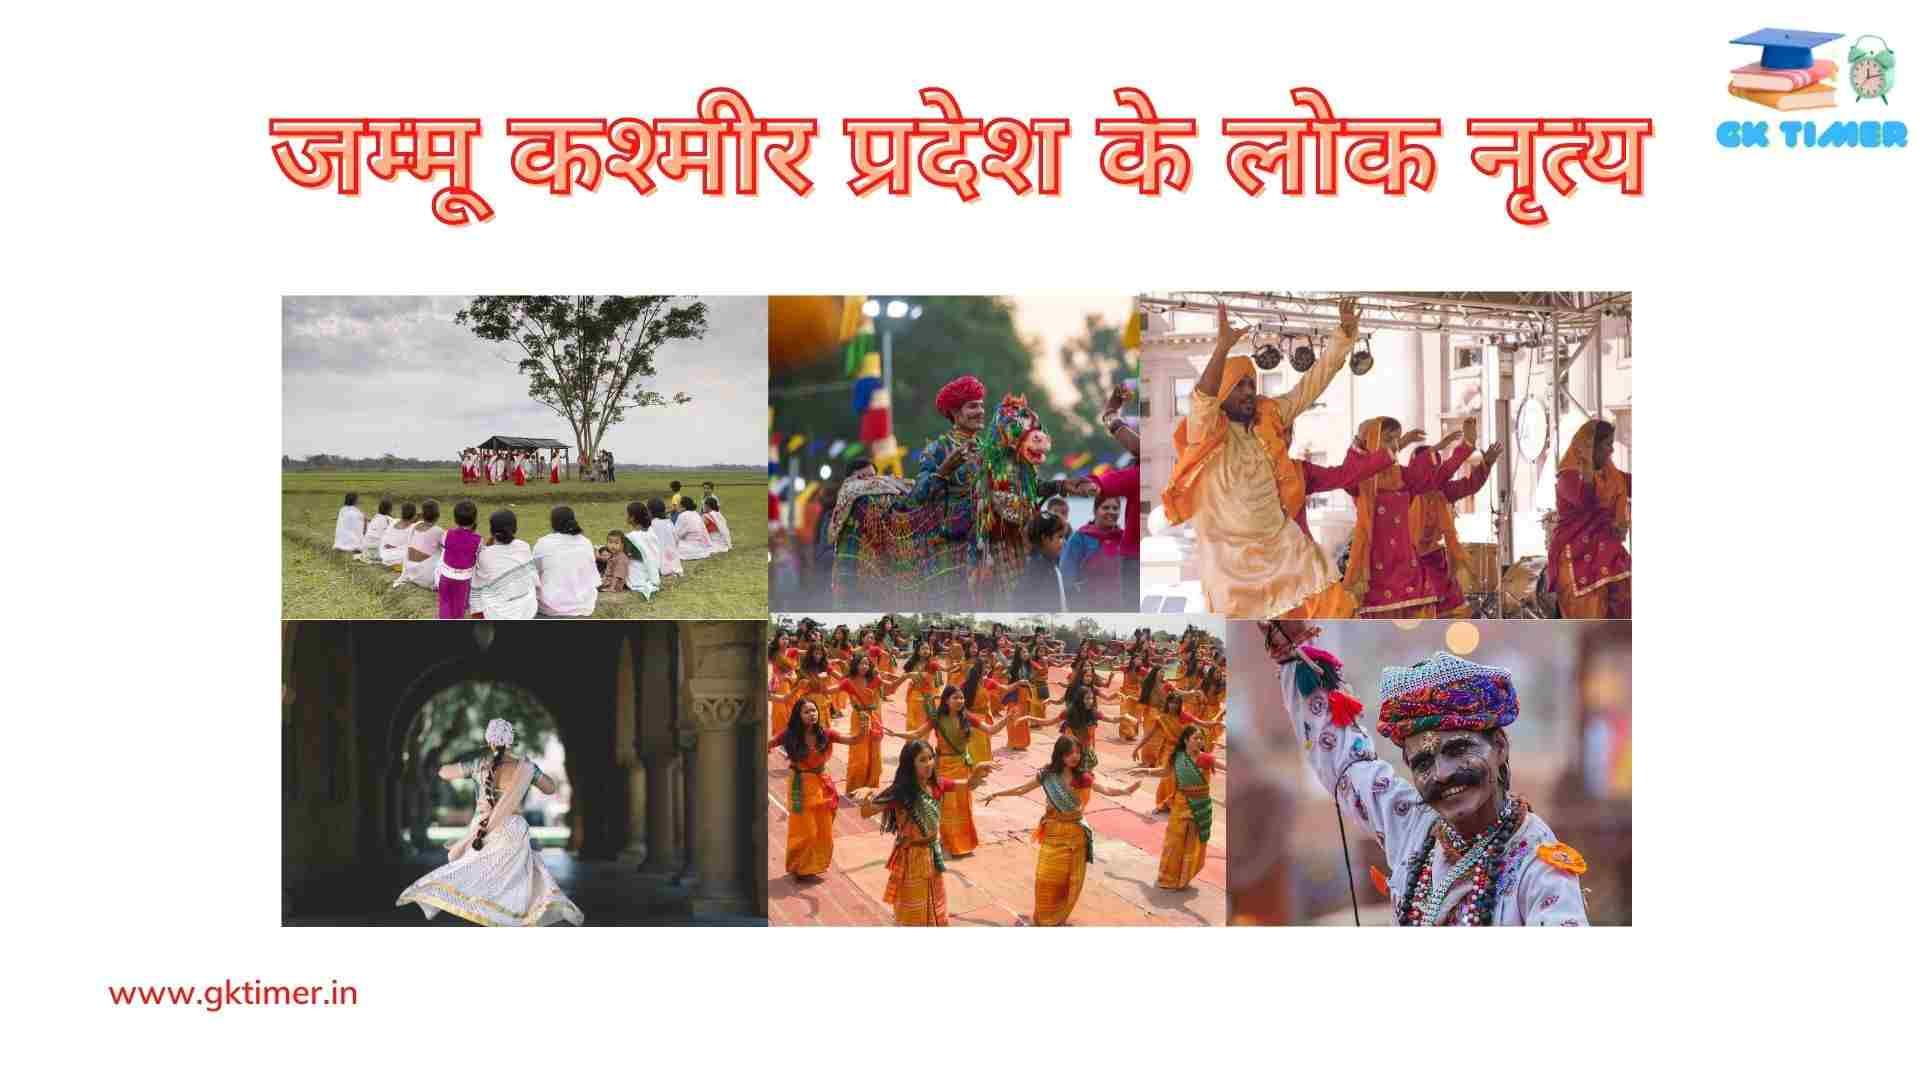 जम्मू और कश्मीर के लोकप्रिय लोक नृत्य(कुद , बच्चा नगमा, दुमहल , रउफ) | Traditional folk dances of  Jammu and Kashmir  in Hindi